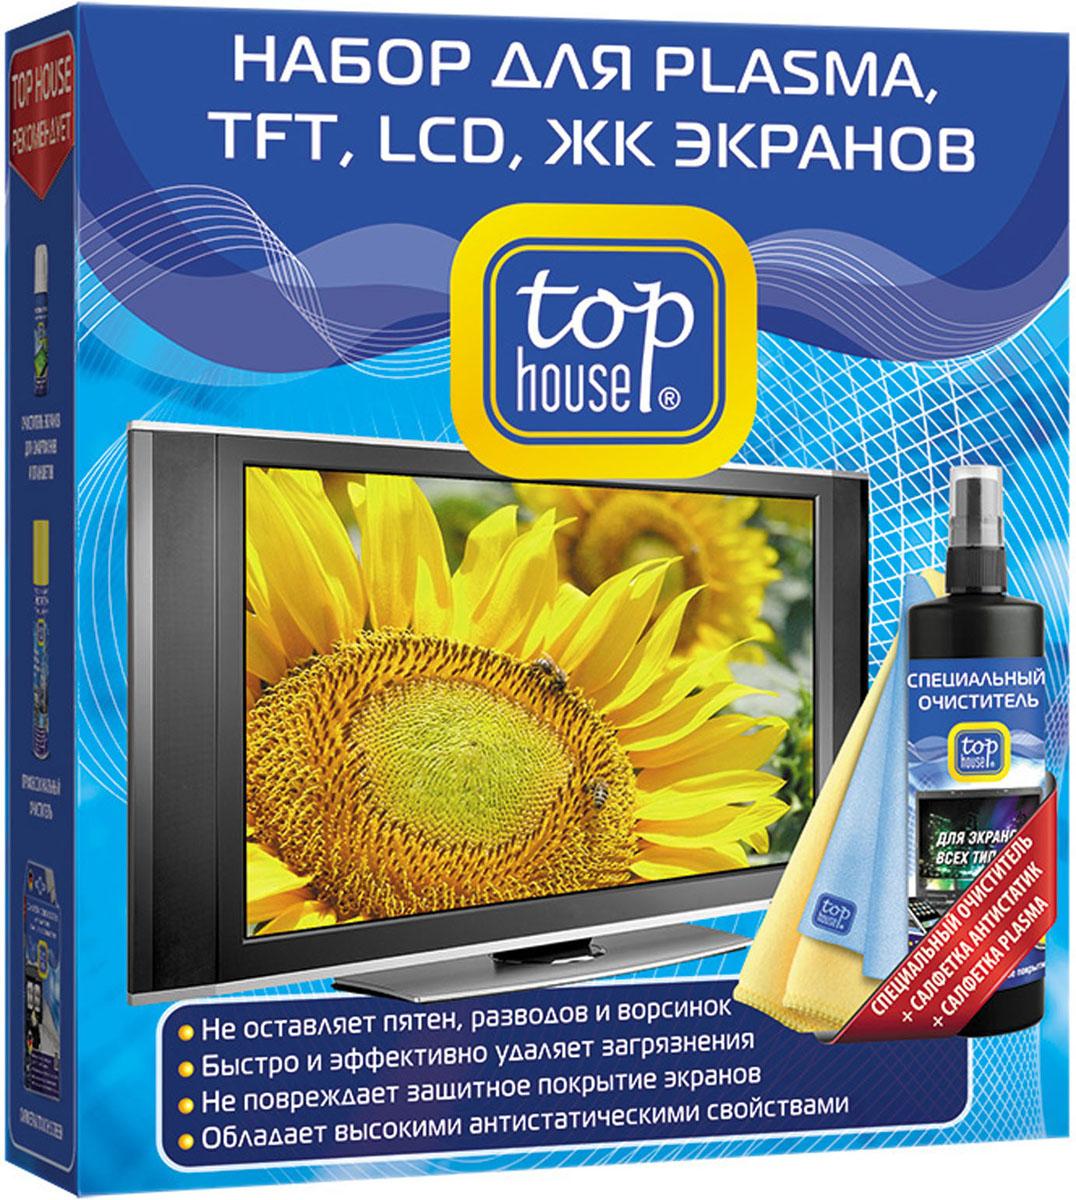 Набор для ухода за Plasma, TFT, LCD, ЖК экранами  Top House , 3 предмета - Чистящие средства